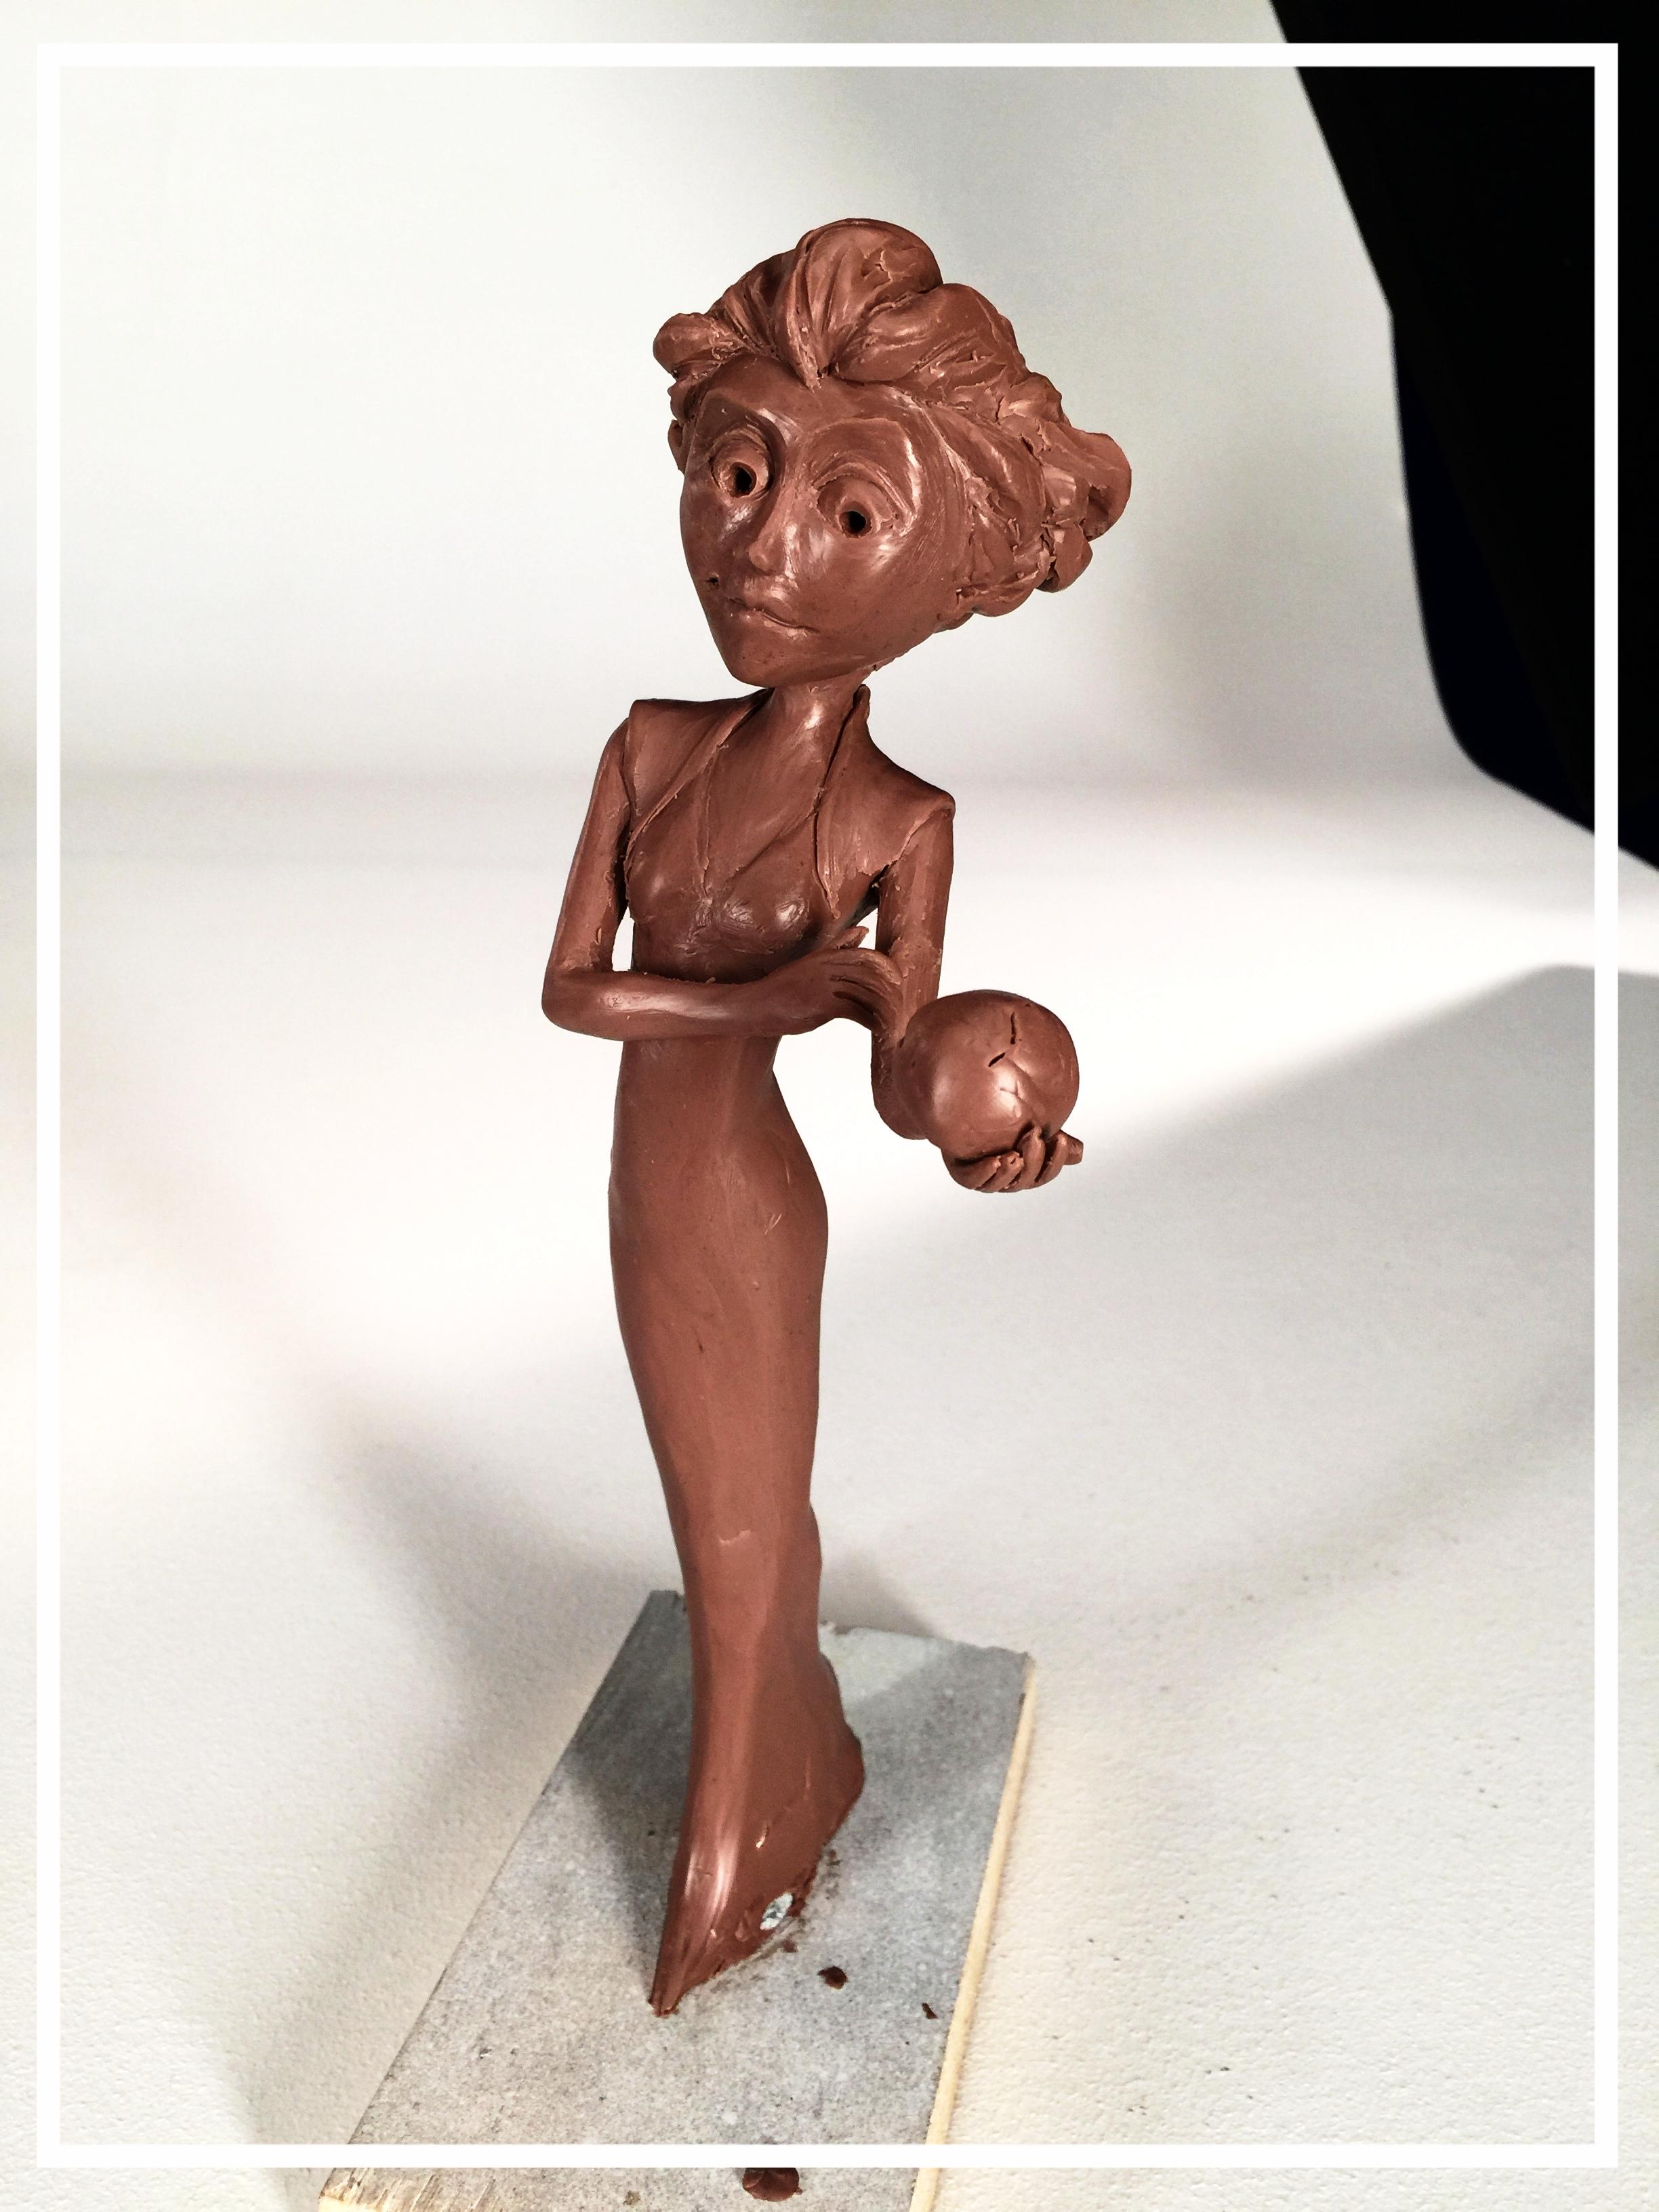 Original Sculpt